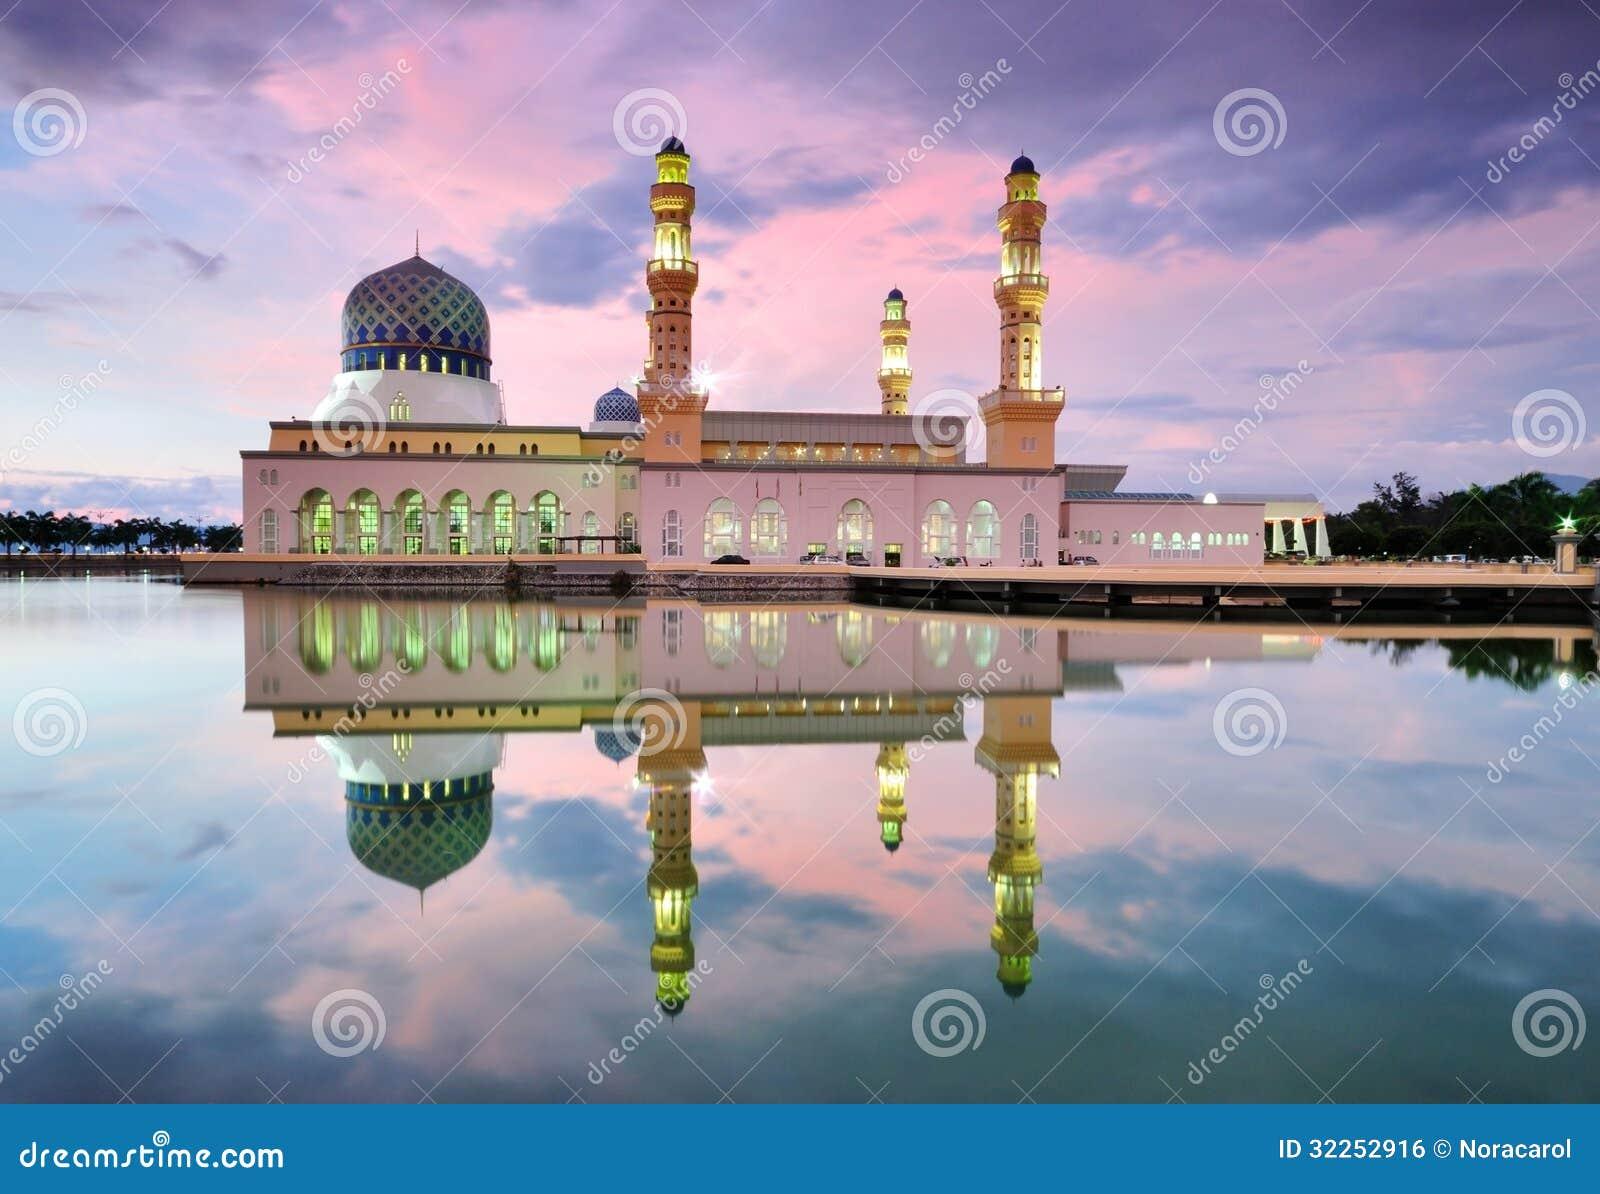 Kota Kinabalu Floating Mosque bij zonsondergang